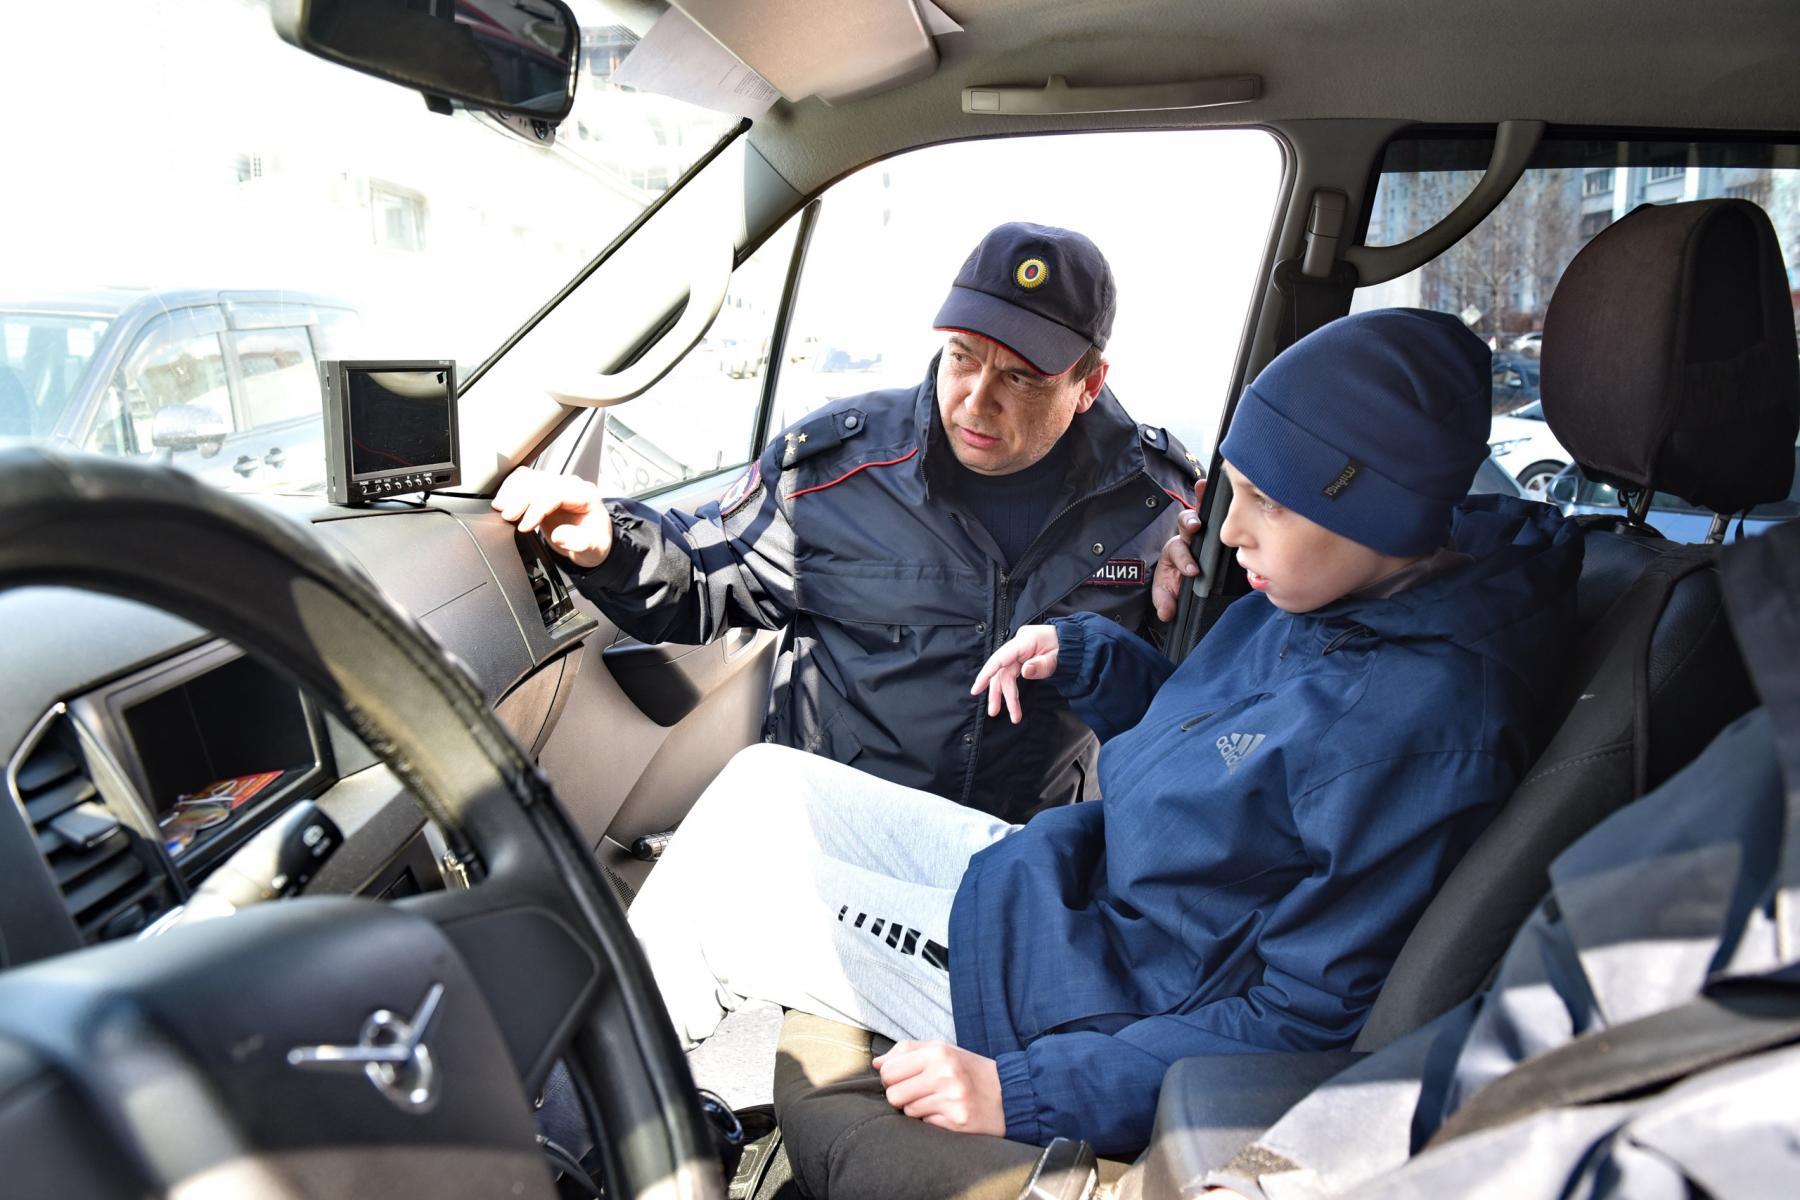 Фото Омские правоохранители провели индивидуальную экскурсию для мальчика с церебральным параличом 4